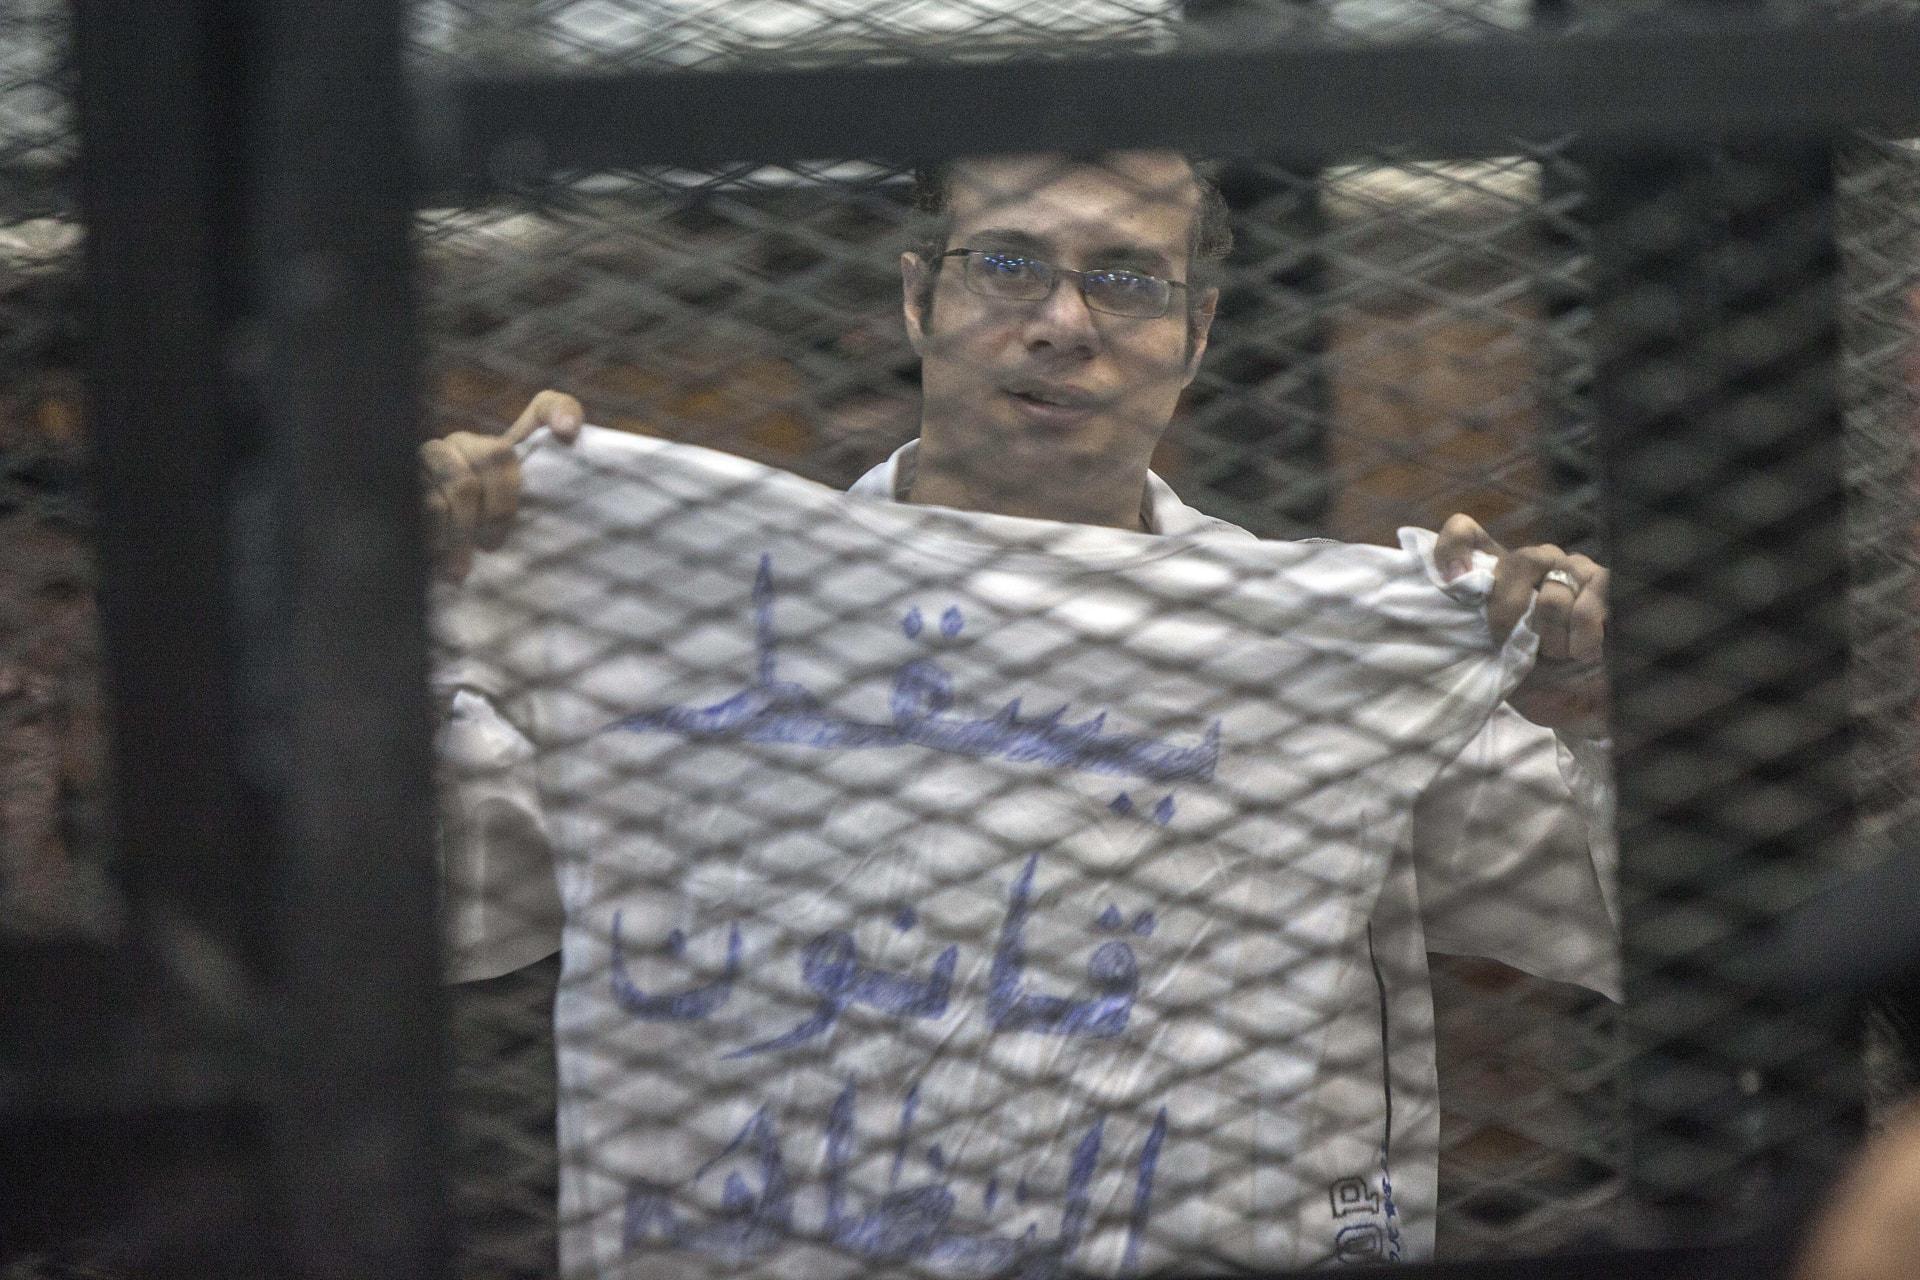 أحمد ماهر لـCNN بآخر لقاء قبل سجنه: صراع الهوية بمصر مرتبط بالدولة العميقة